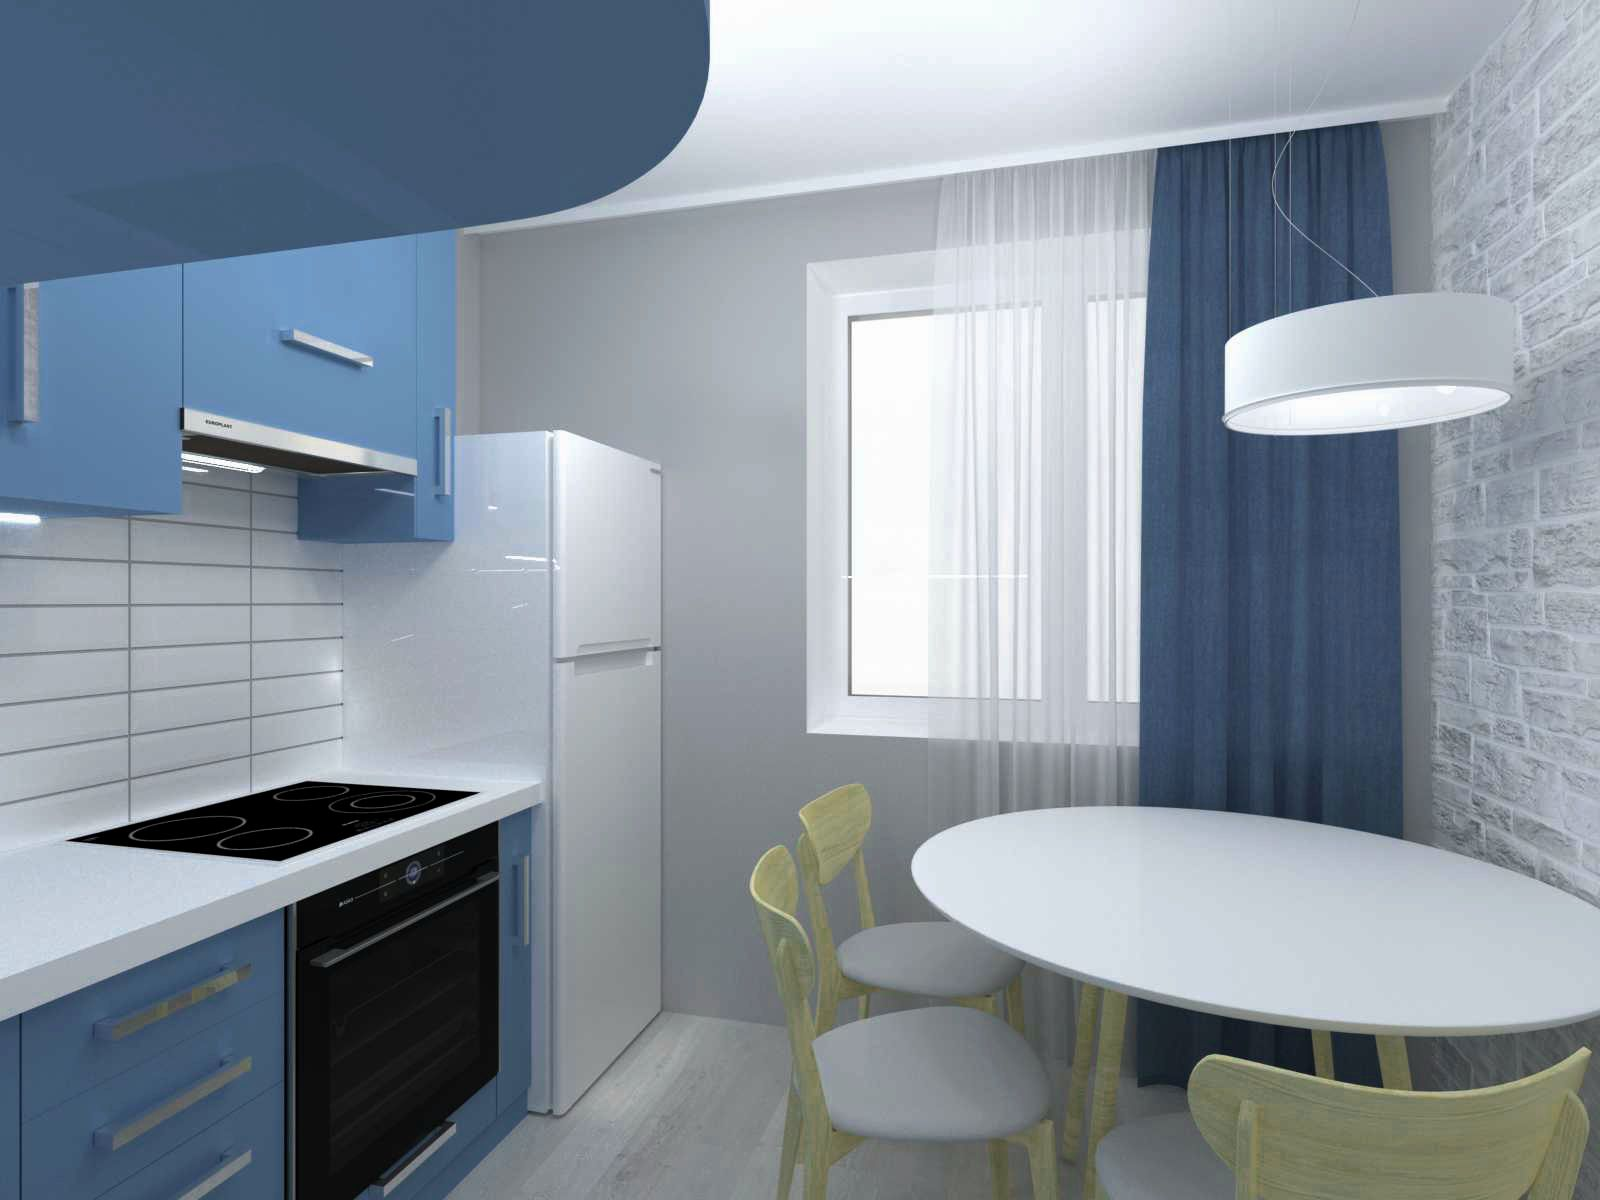 кухня в однокомнатной квартире #дизайн #квартира #дизайнинтерьера ...